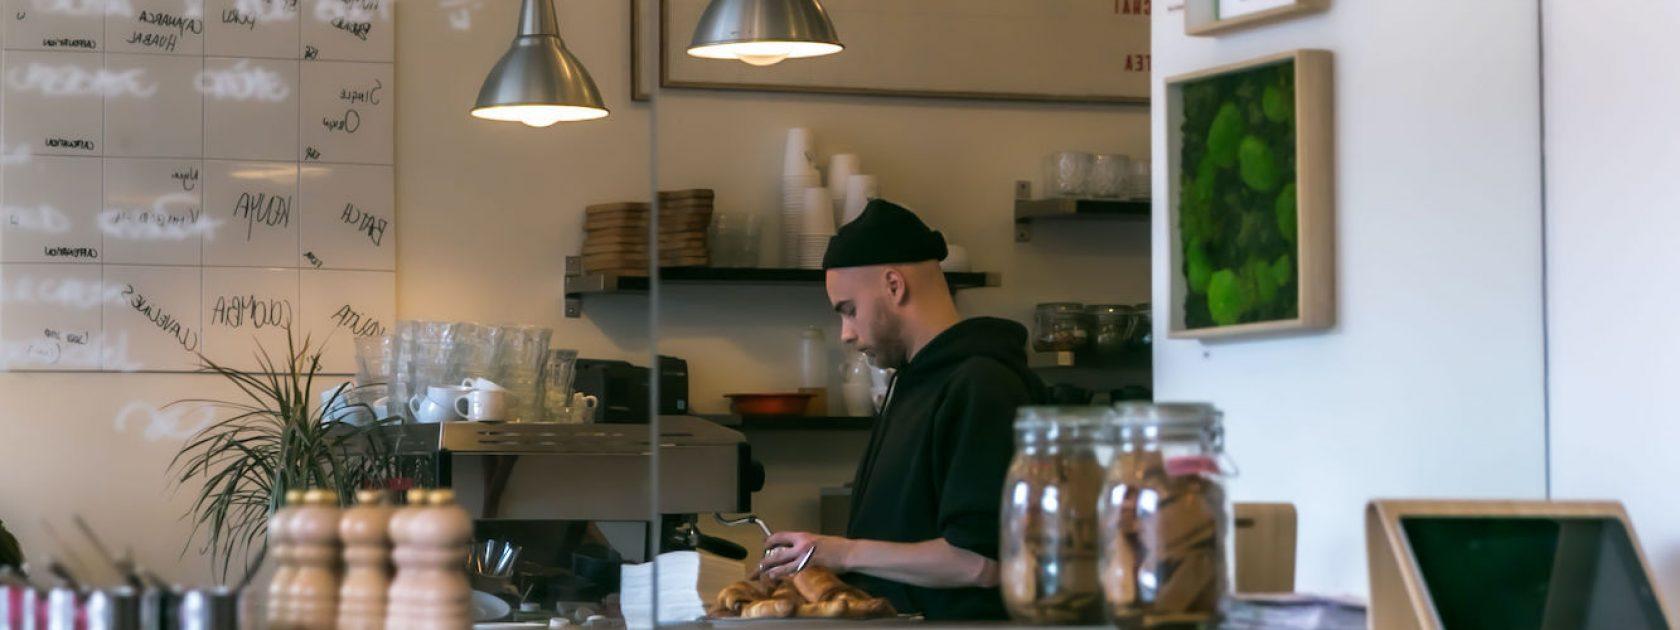 Niet alleen is de koffie hier heerlijk, probeer ook de pancakes bij Butchers Coffee voor ontbijt of lunch!